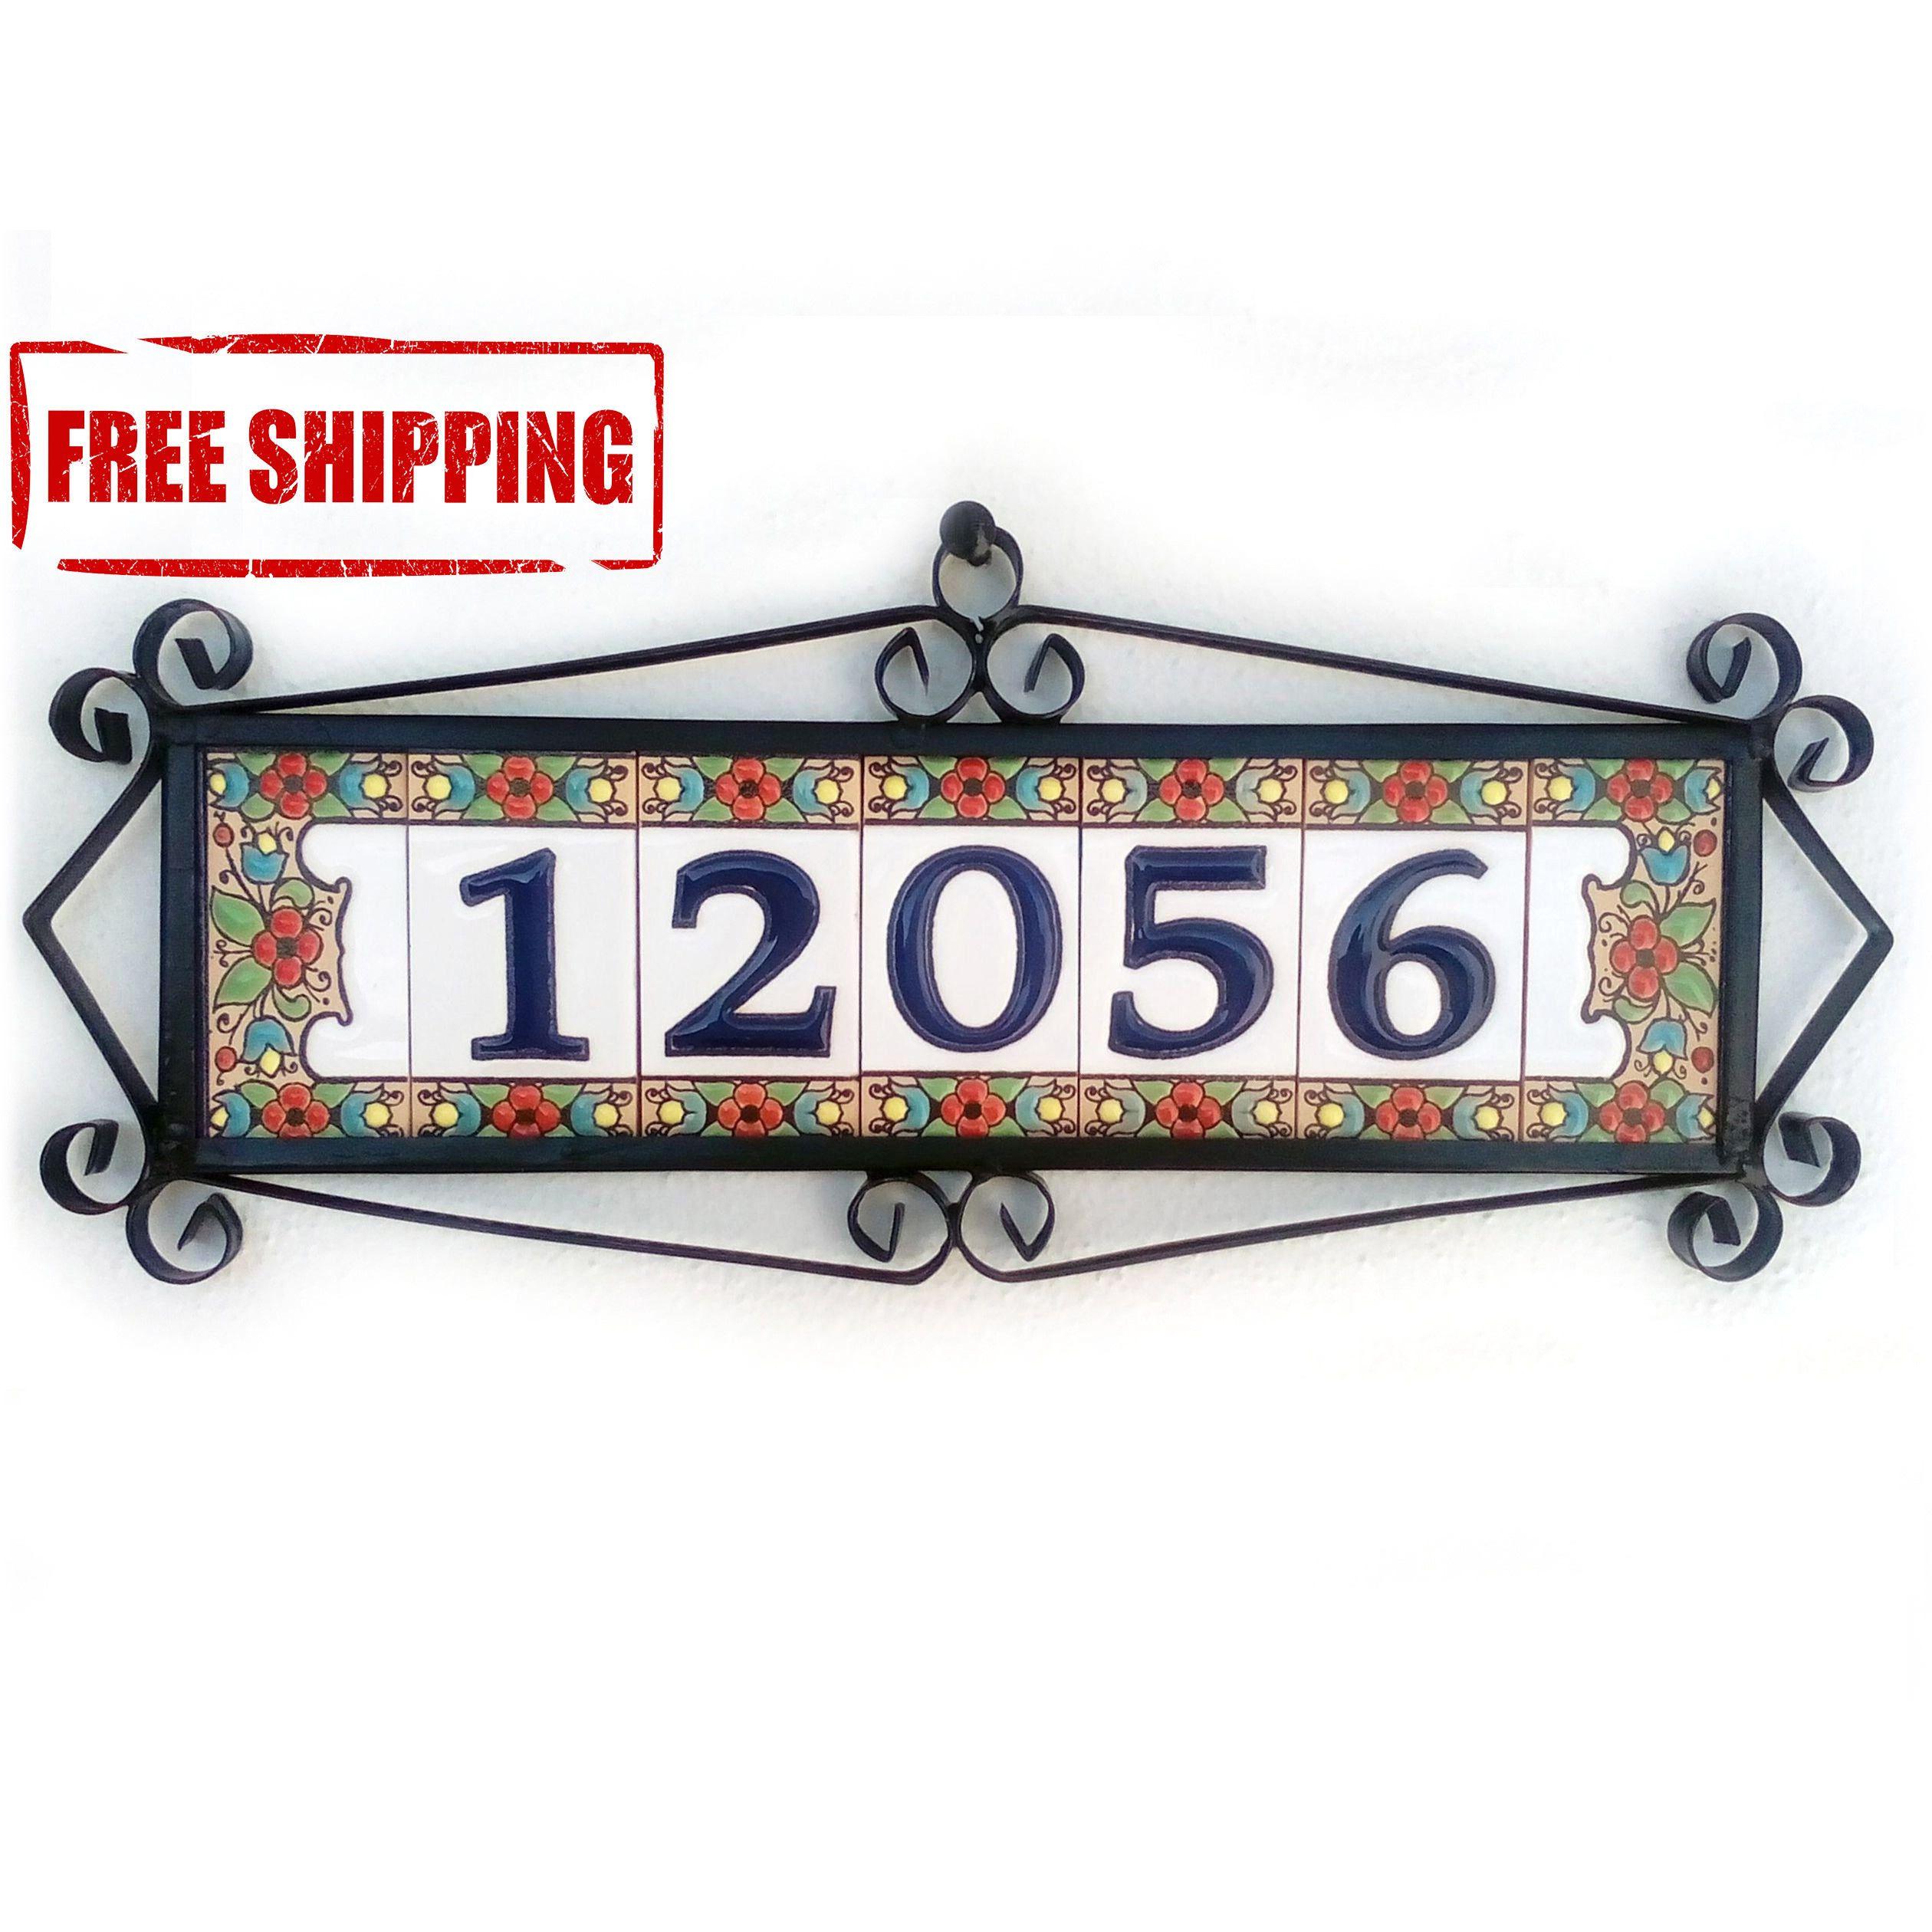 Customized door number plaque Glazed door number plaque Spanish door